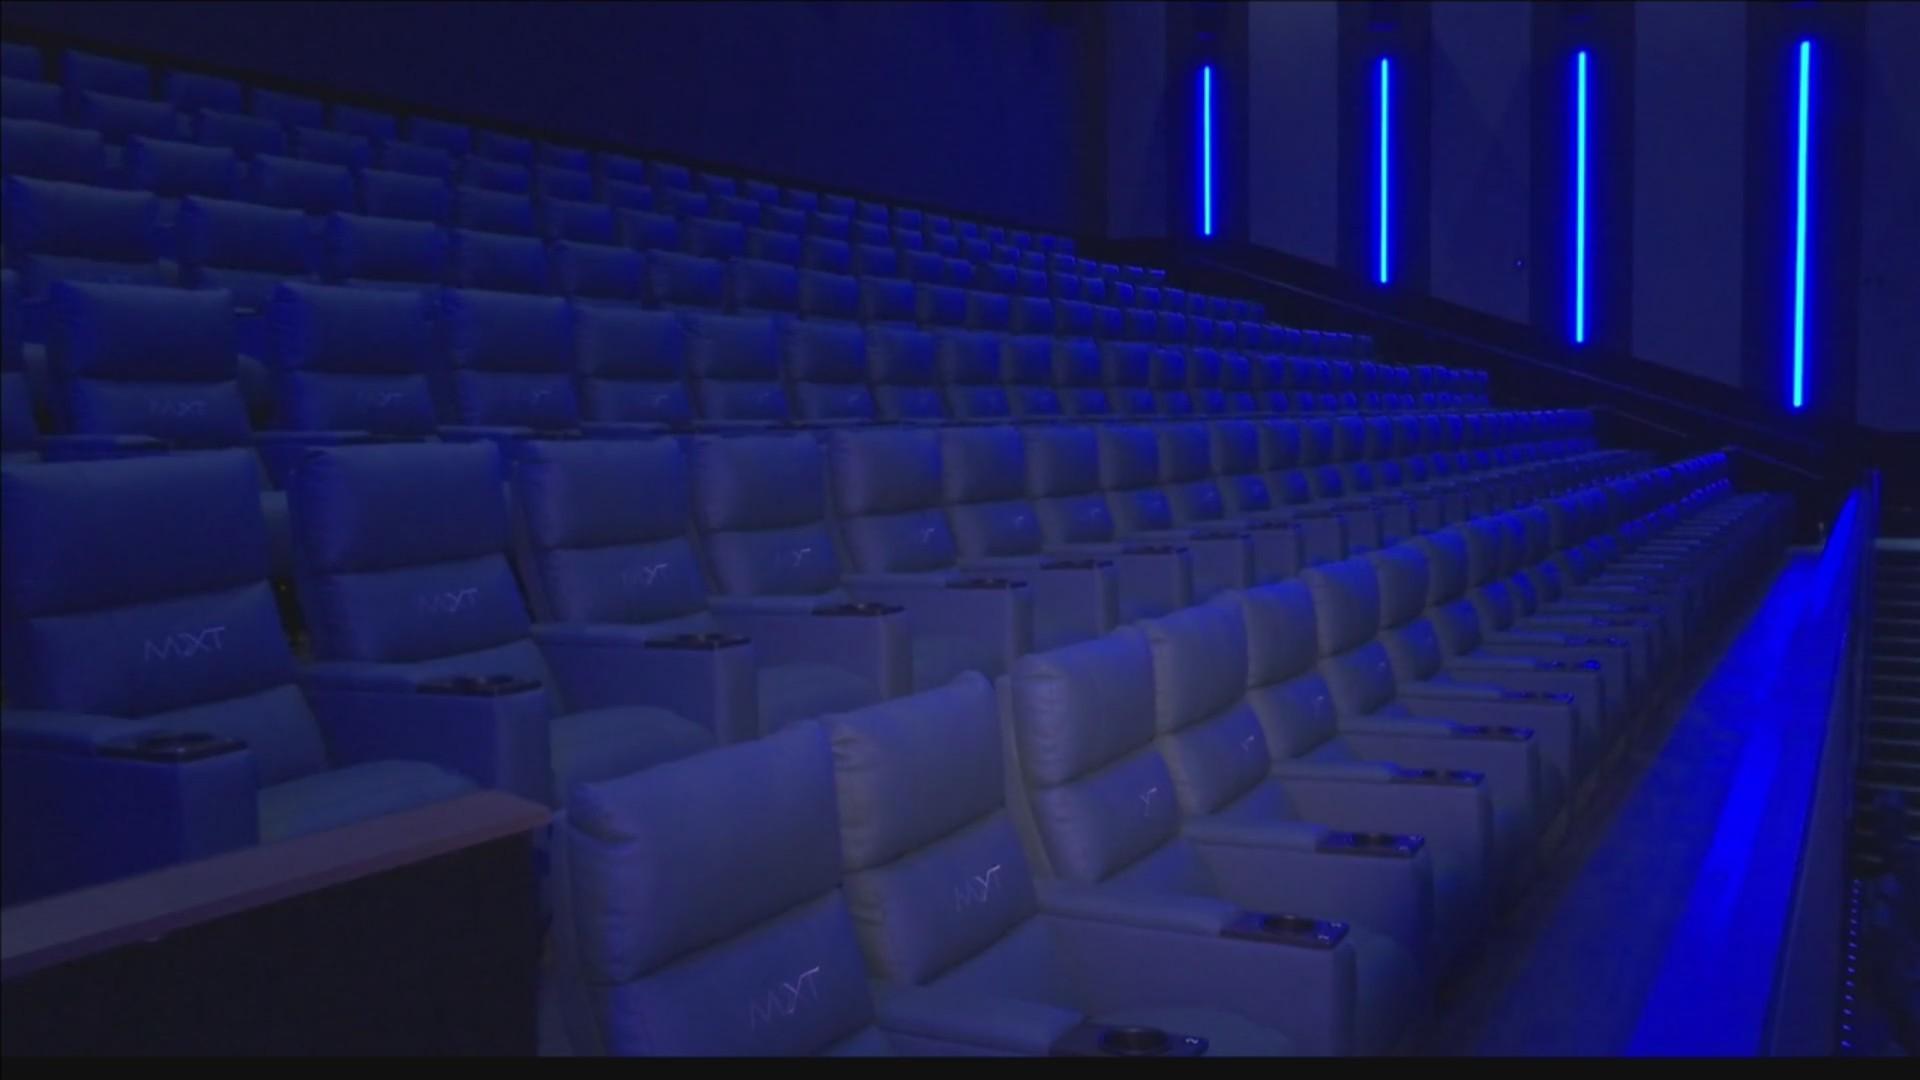 Malco_Theatre_opens_in_Owensboro_0_20190620222508